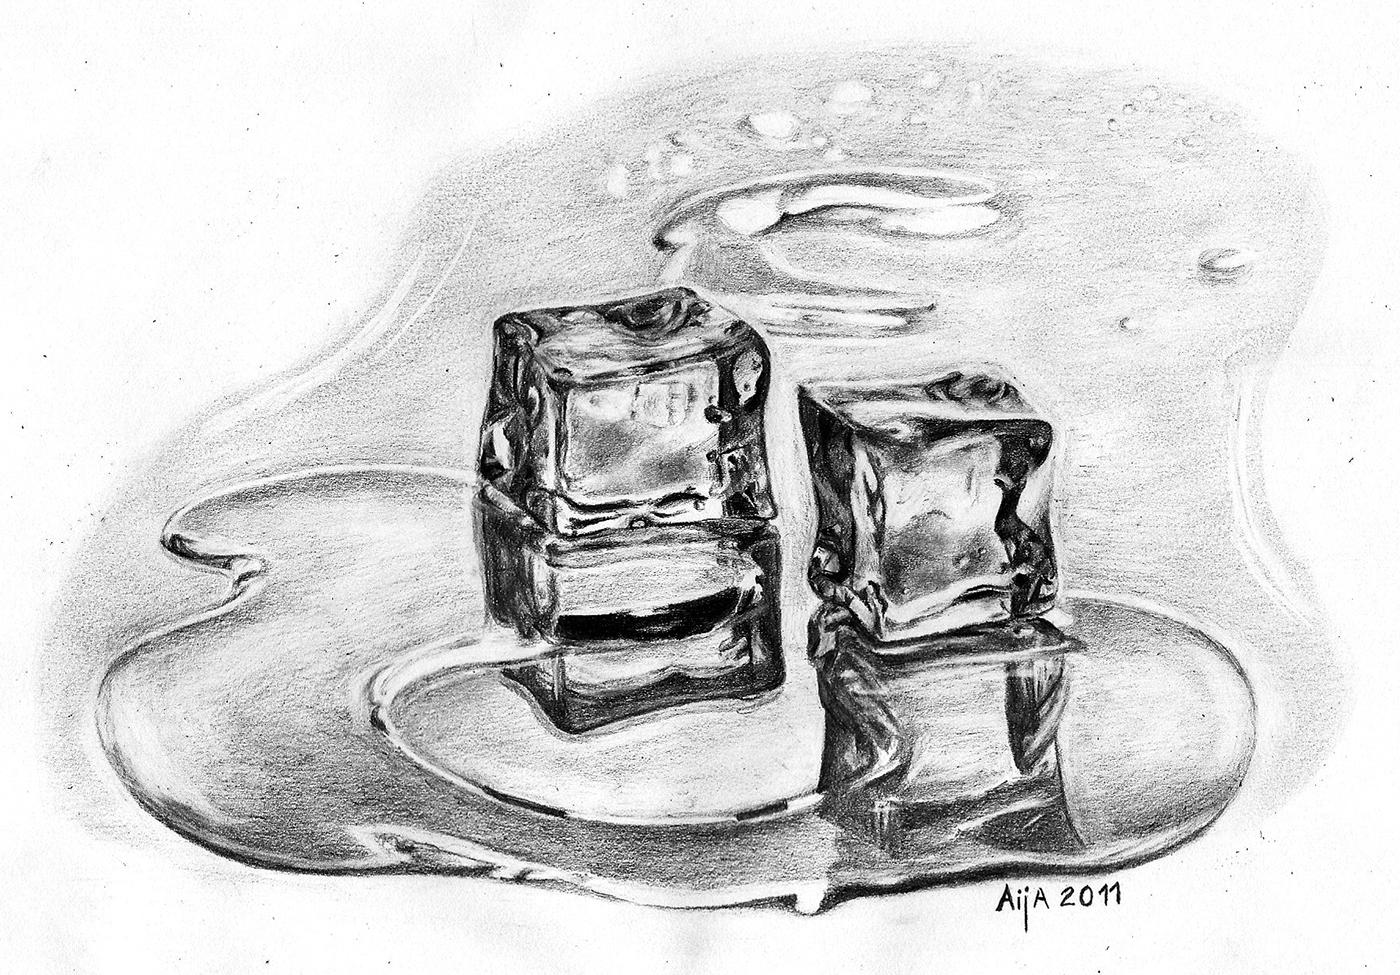 Картинки льда для срисовки